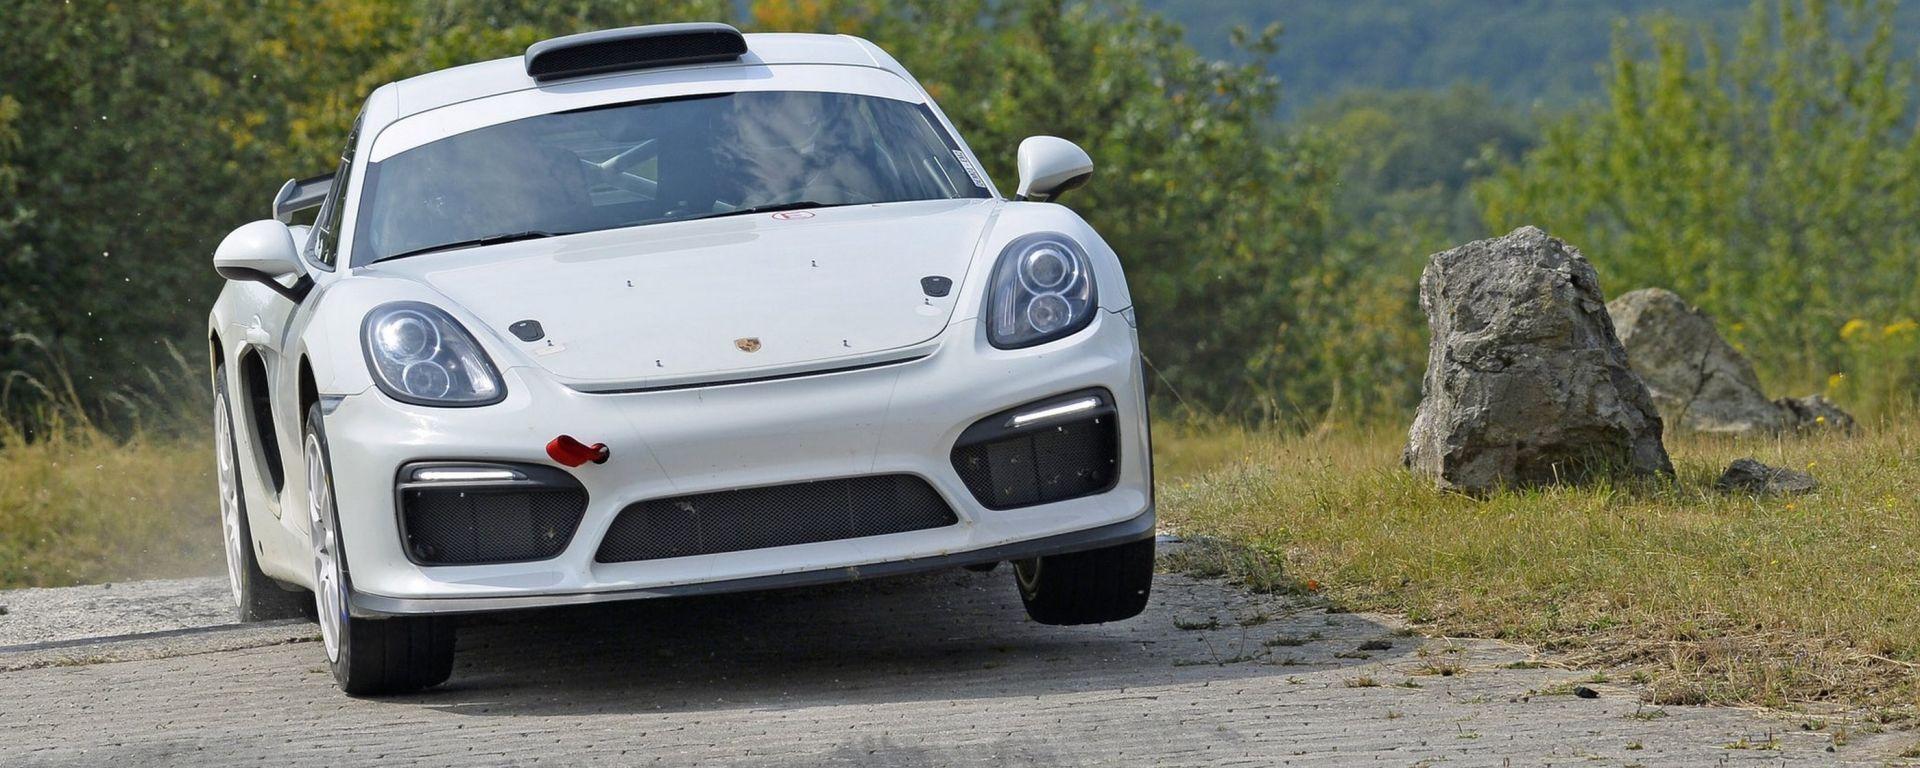 Porsche Cayman GT4 Clubsport Rally Concept pronta al debutto